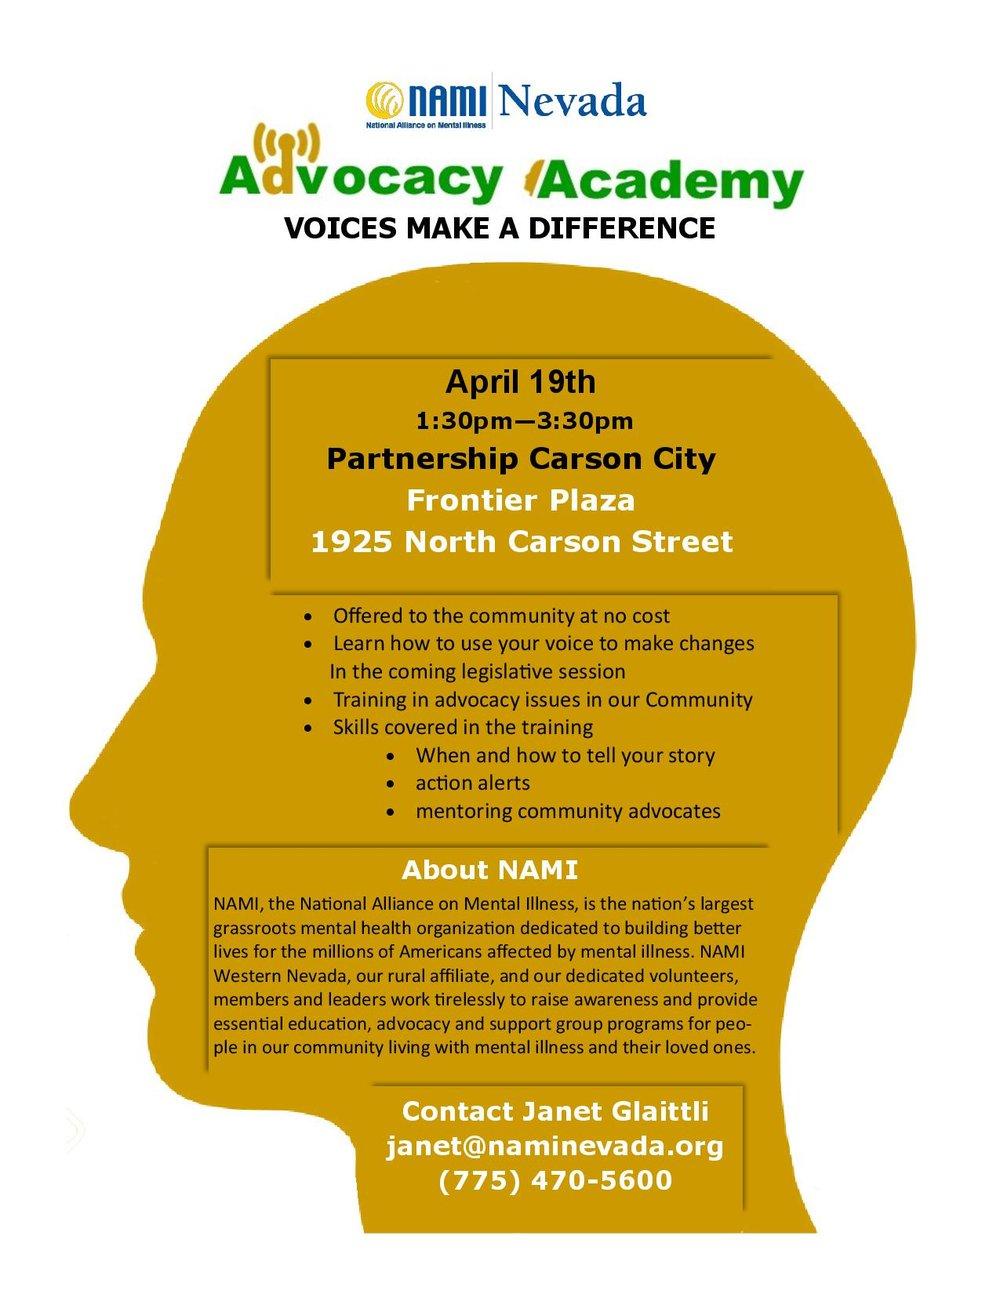 2018 NAMI Advocacy Academy Flyer-page-001.jpg